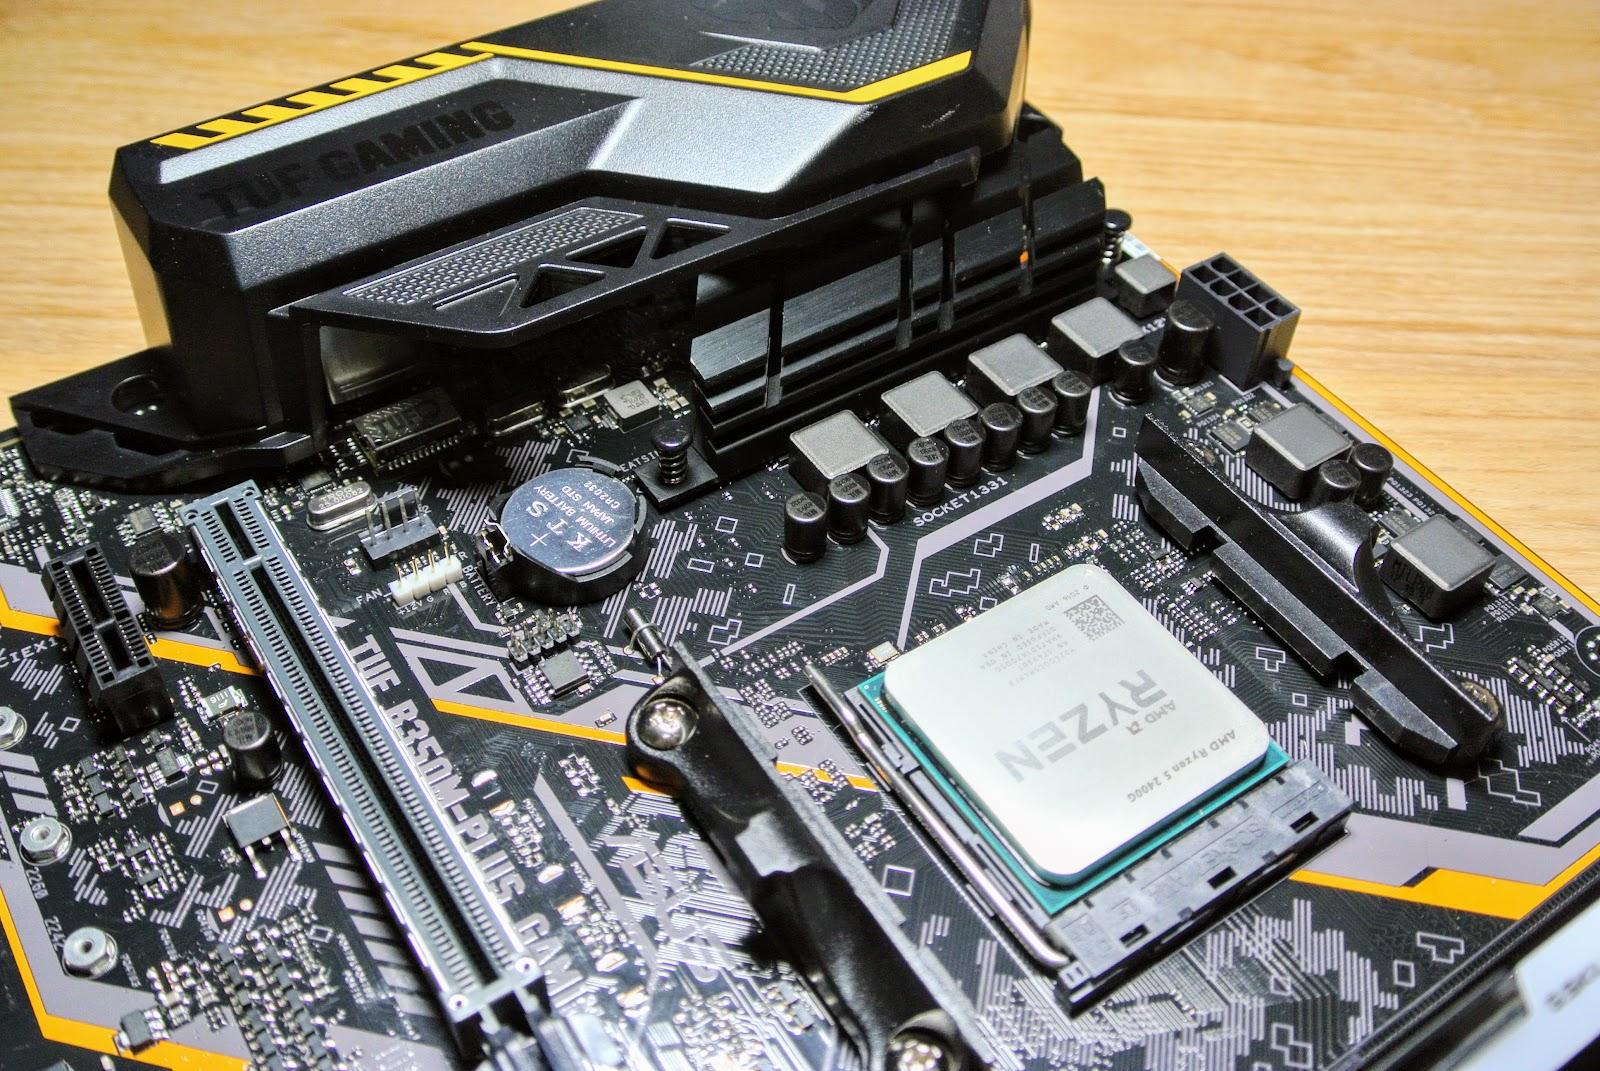 【心得】UNIKO - R5-2400G & R3-2200G 輕開箱 輕測試 @電腦應用綜合討論 哈啦板 - 巴哈姆特